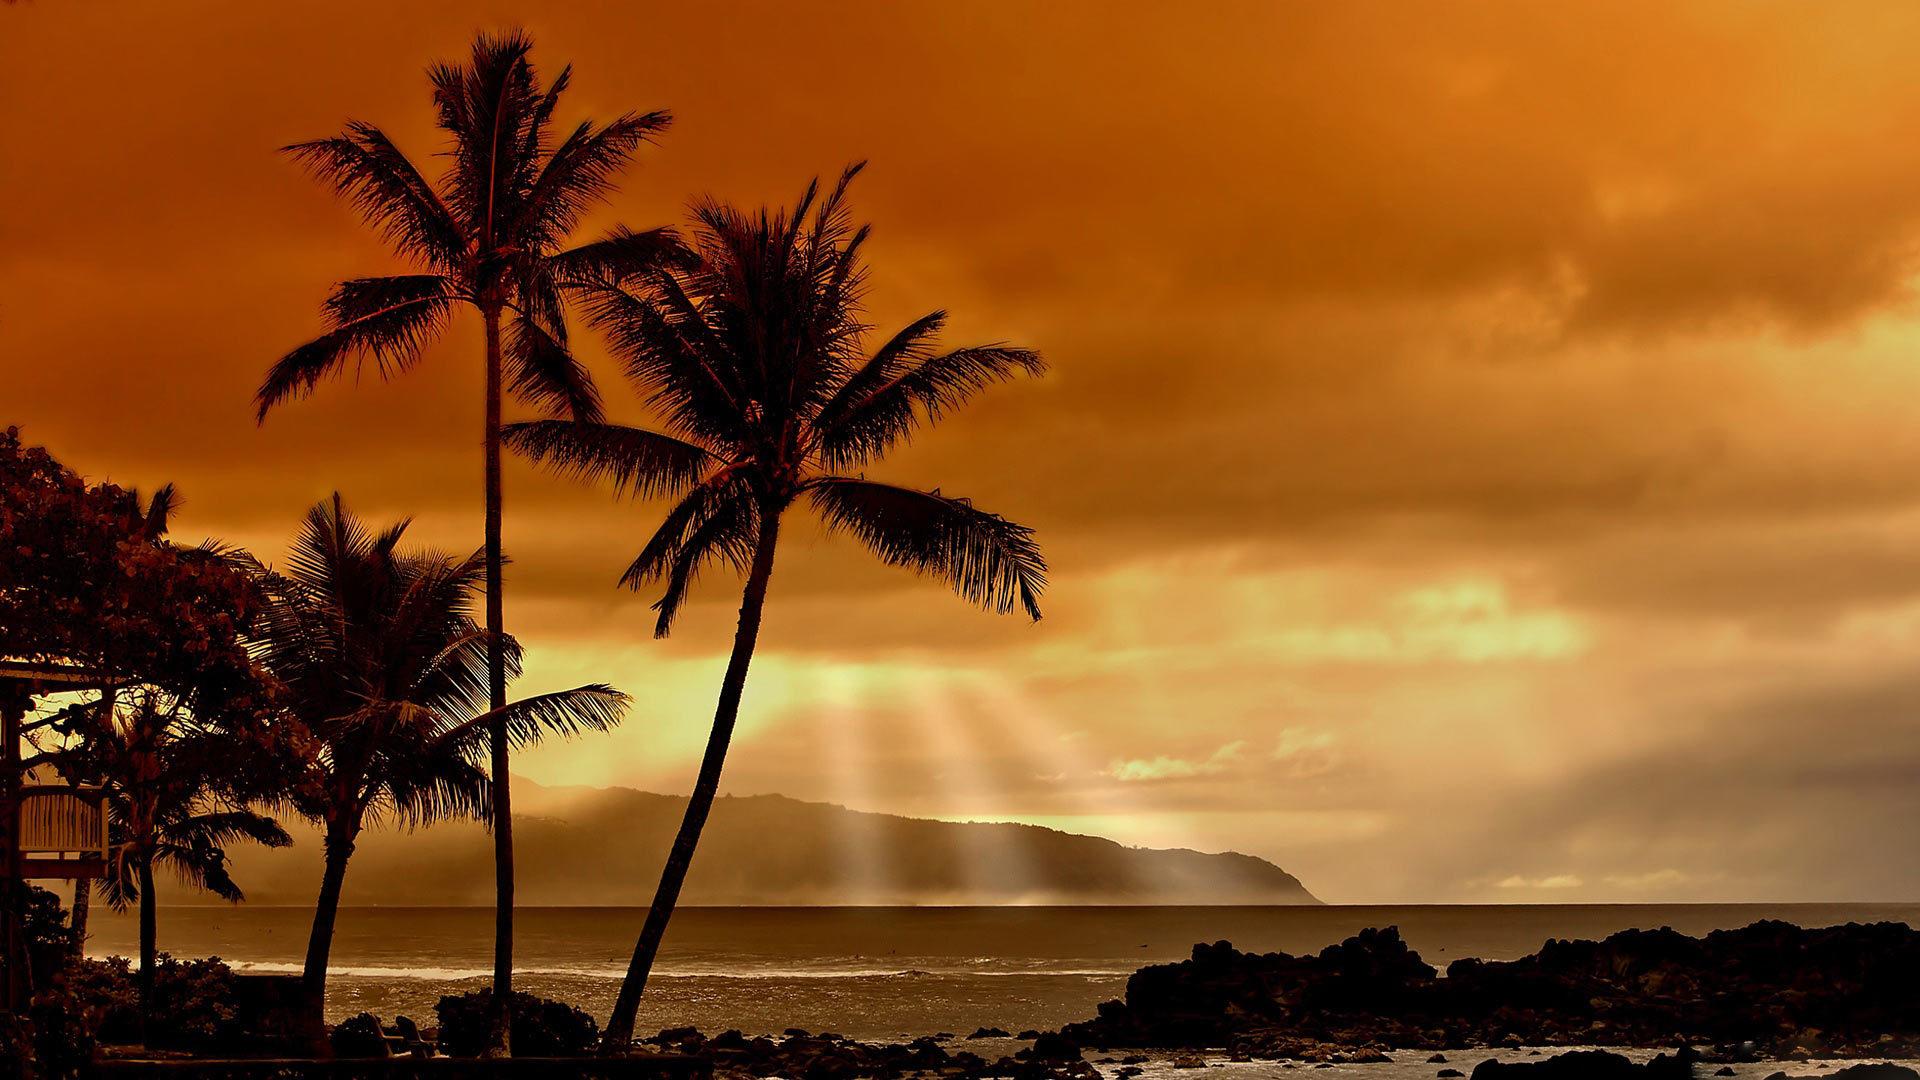 25899 скачать обои Пейзаж, Закат, Море, Облака, Пальмы - заставки и картинки бесплатно